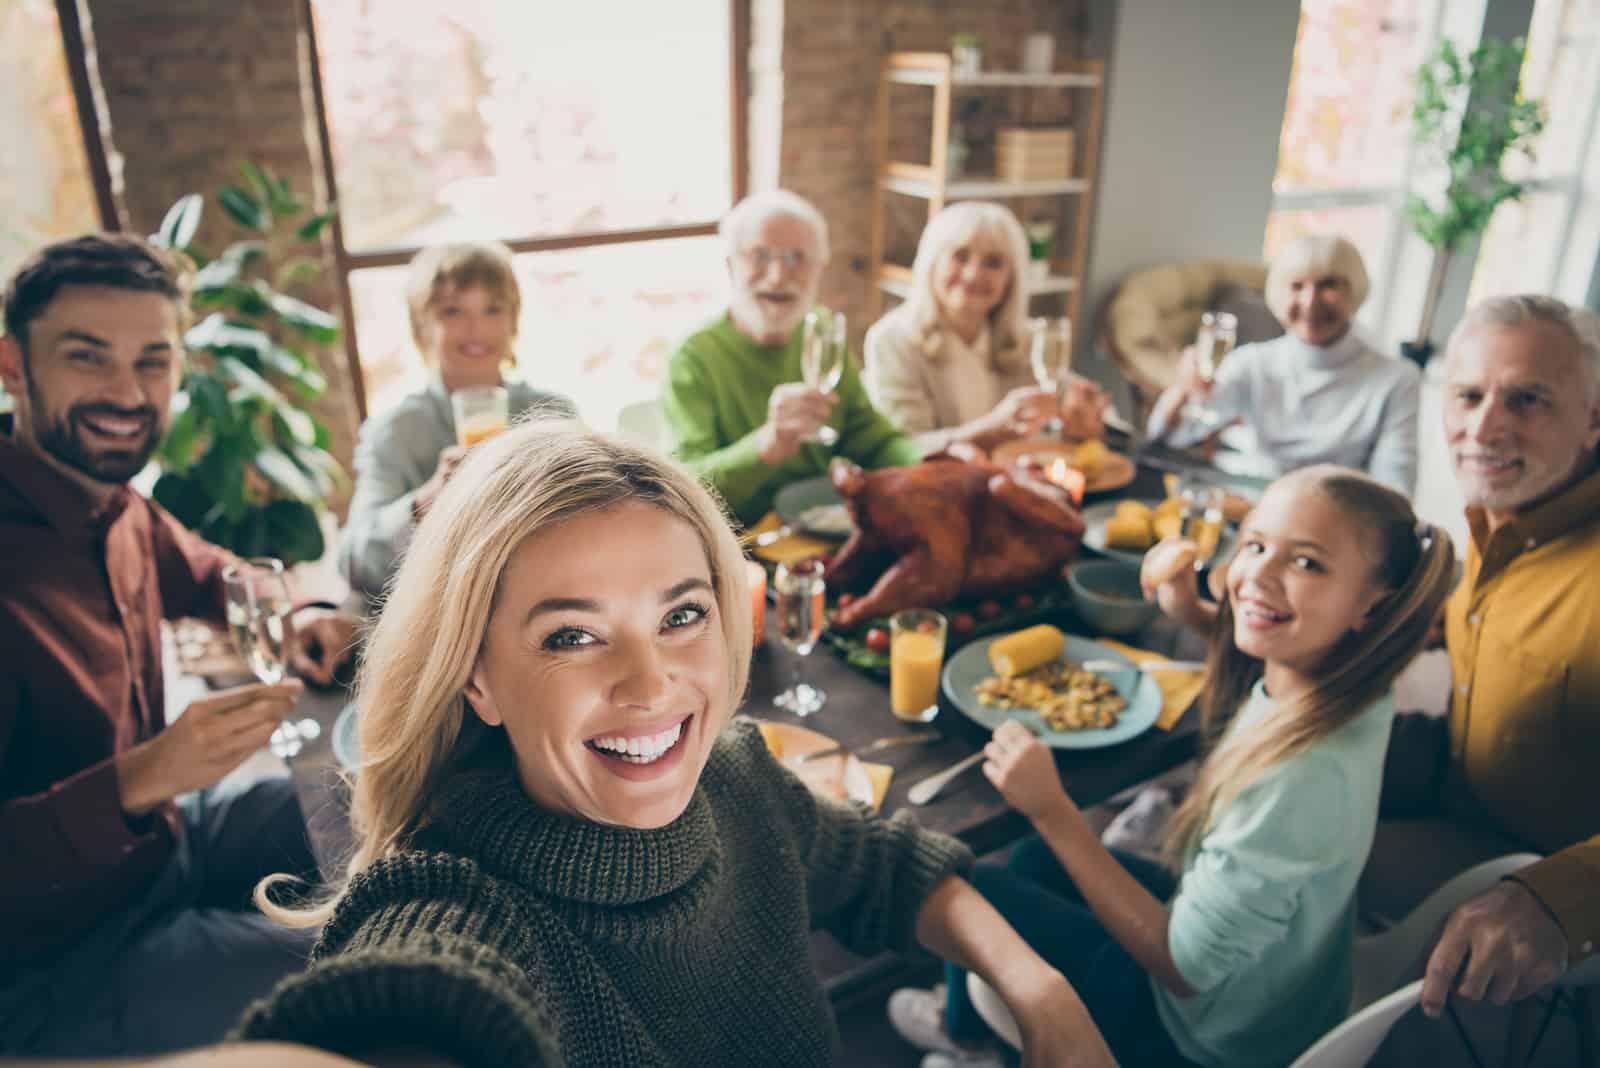 une femme blonde souriante peint une famille à table